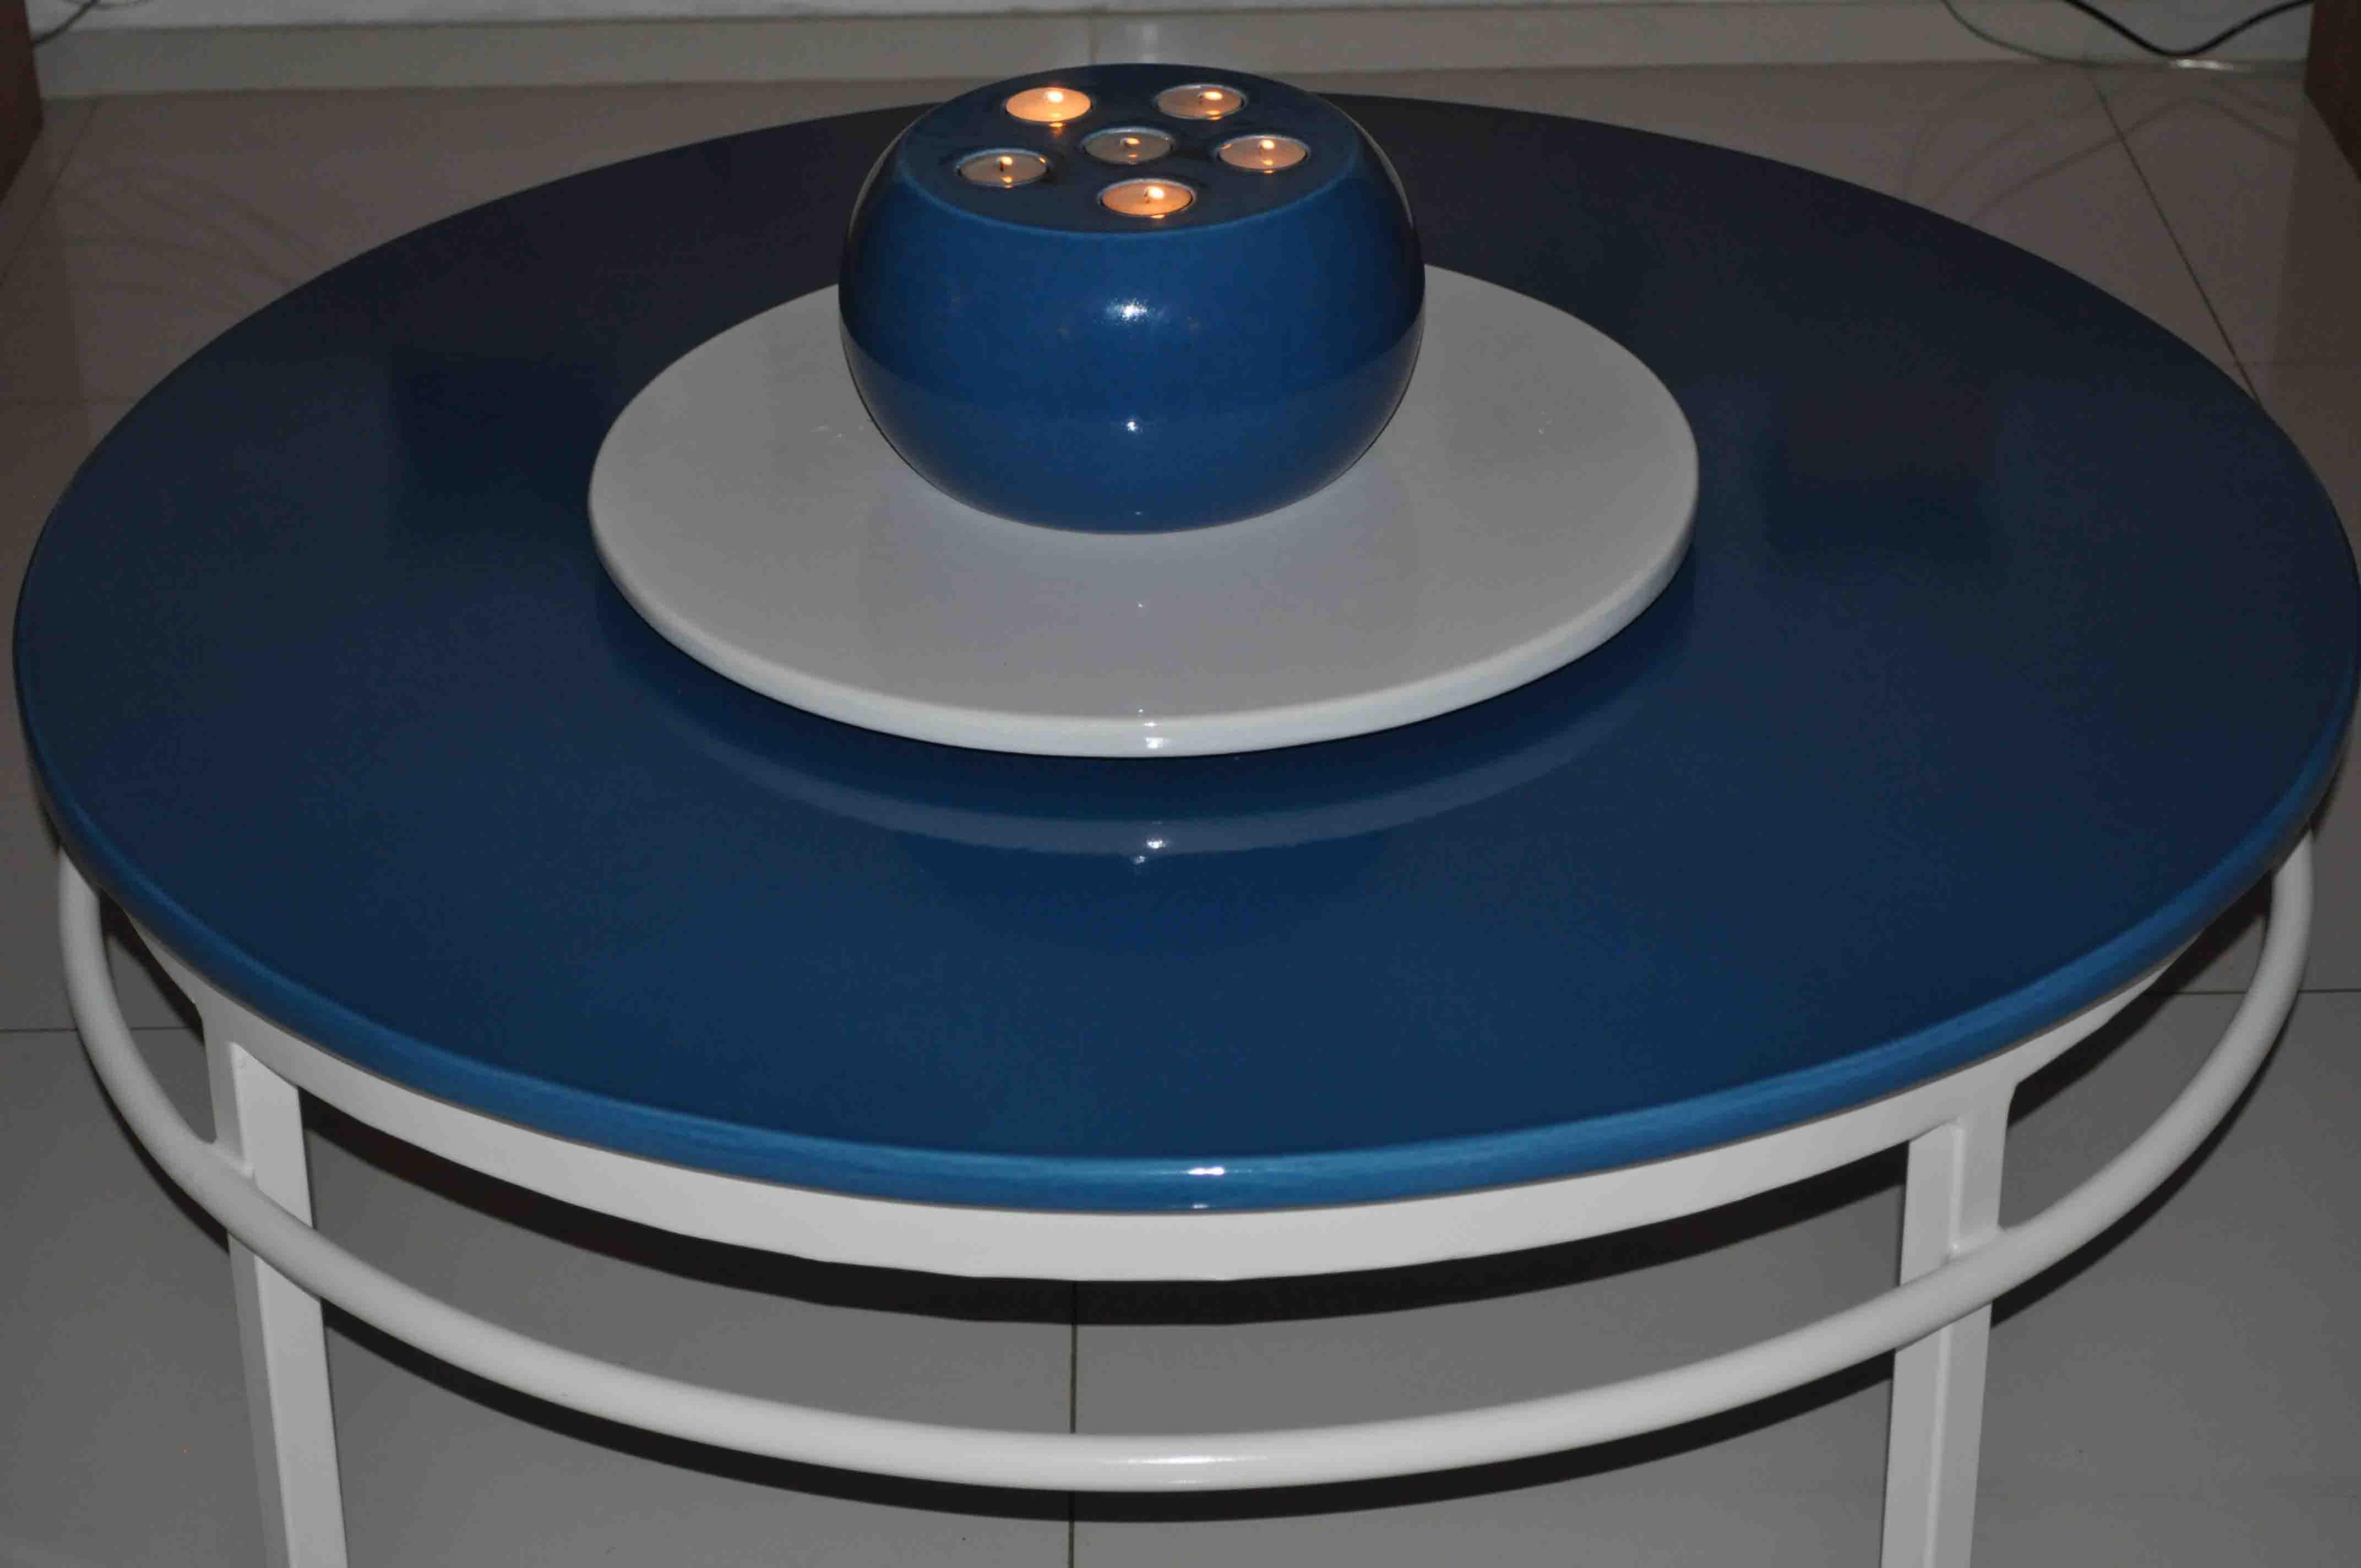 table ronde bleu azur-couleur-lave-volcan-émaille-céramique-France-Luxe